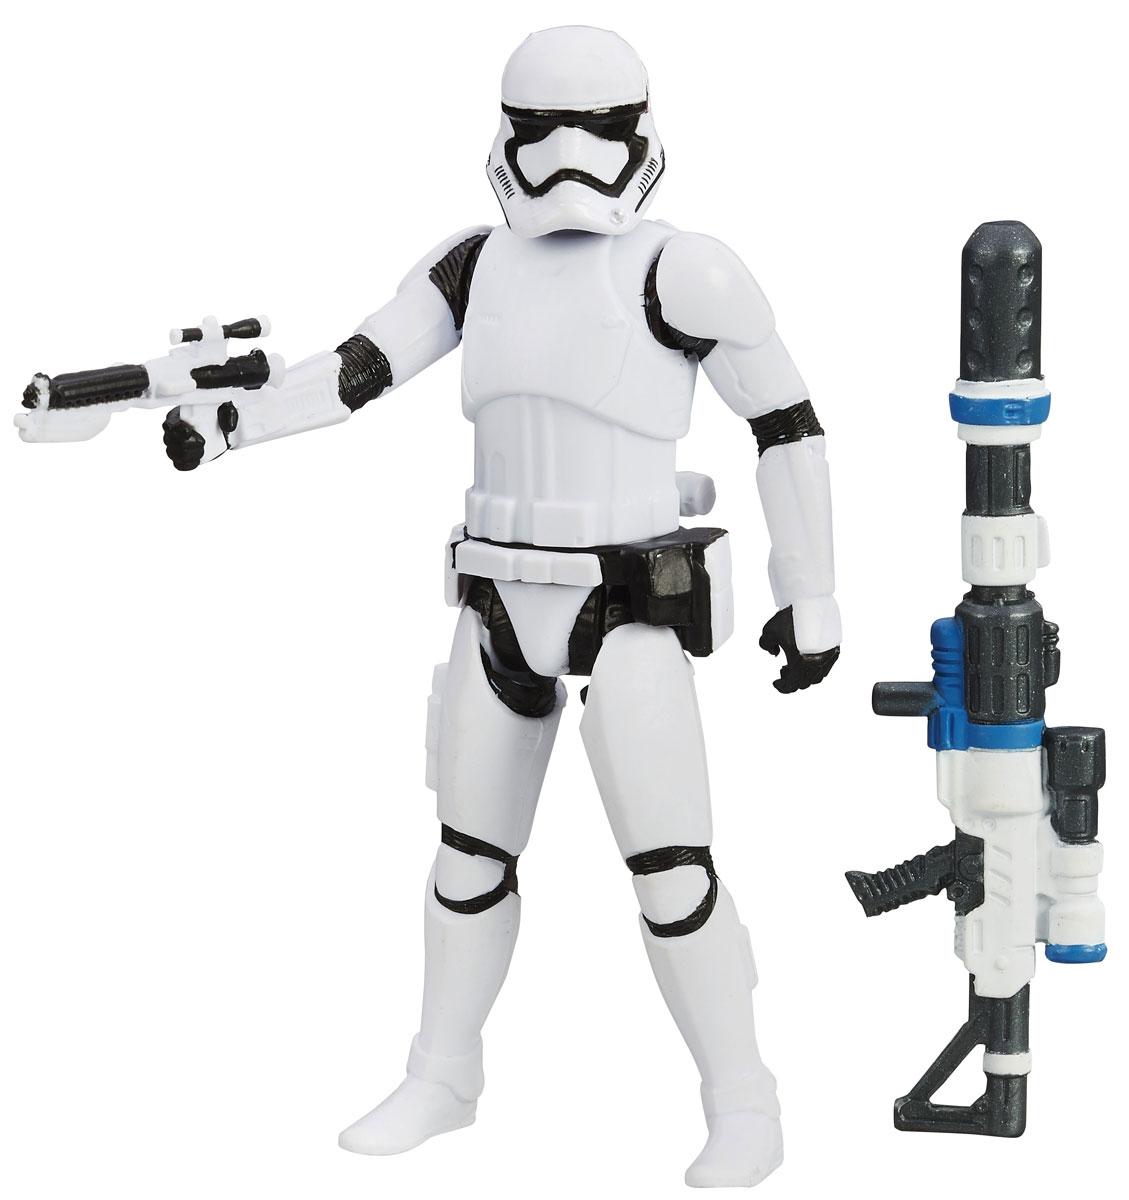 Star Wars Фигурка First Order StormtrooperB3963EU4_B3964Фигурка First Order Stormtrooper выполнена из пластика в виде героя фантастического кинофильма Звездные Войны: Пробуждение Силы Штурмовика. Штурмовики - это подопечные Дарта Вейдера, элитные воины Галактической империи. Они всегда одеты в крепкую броню белого цвета, вооружены очень мощным оружием. Штурмовики - это само воплощение воли Первого порядка. Фигурка в точности повторяет образ киногероя. Мощное снаряжение дополняет оружие в руках героя. Такая фигурка непременно понравится поклоннику Звездных войн и станет замечательным украшением любой коллекции.